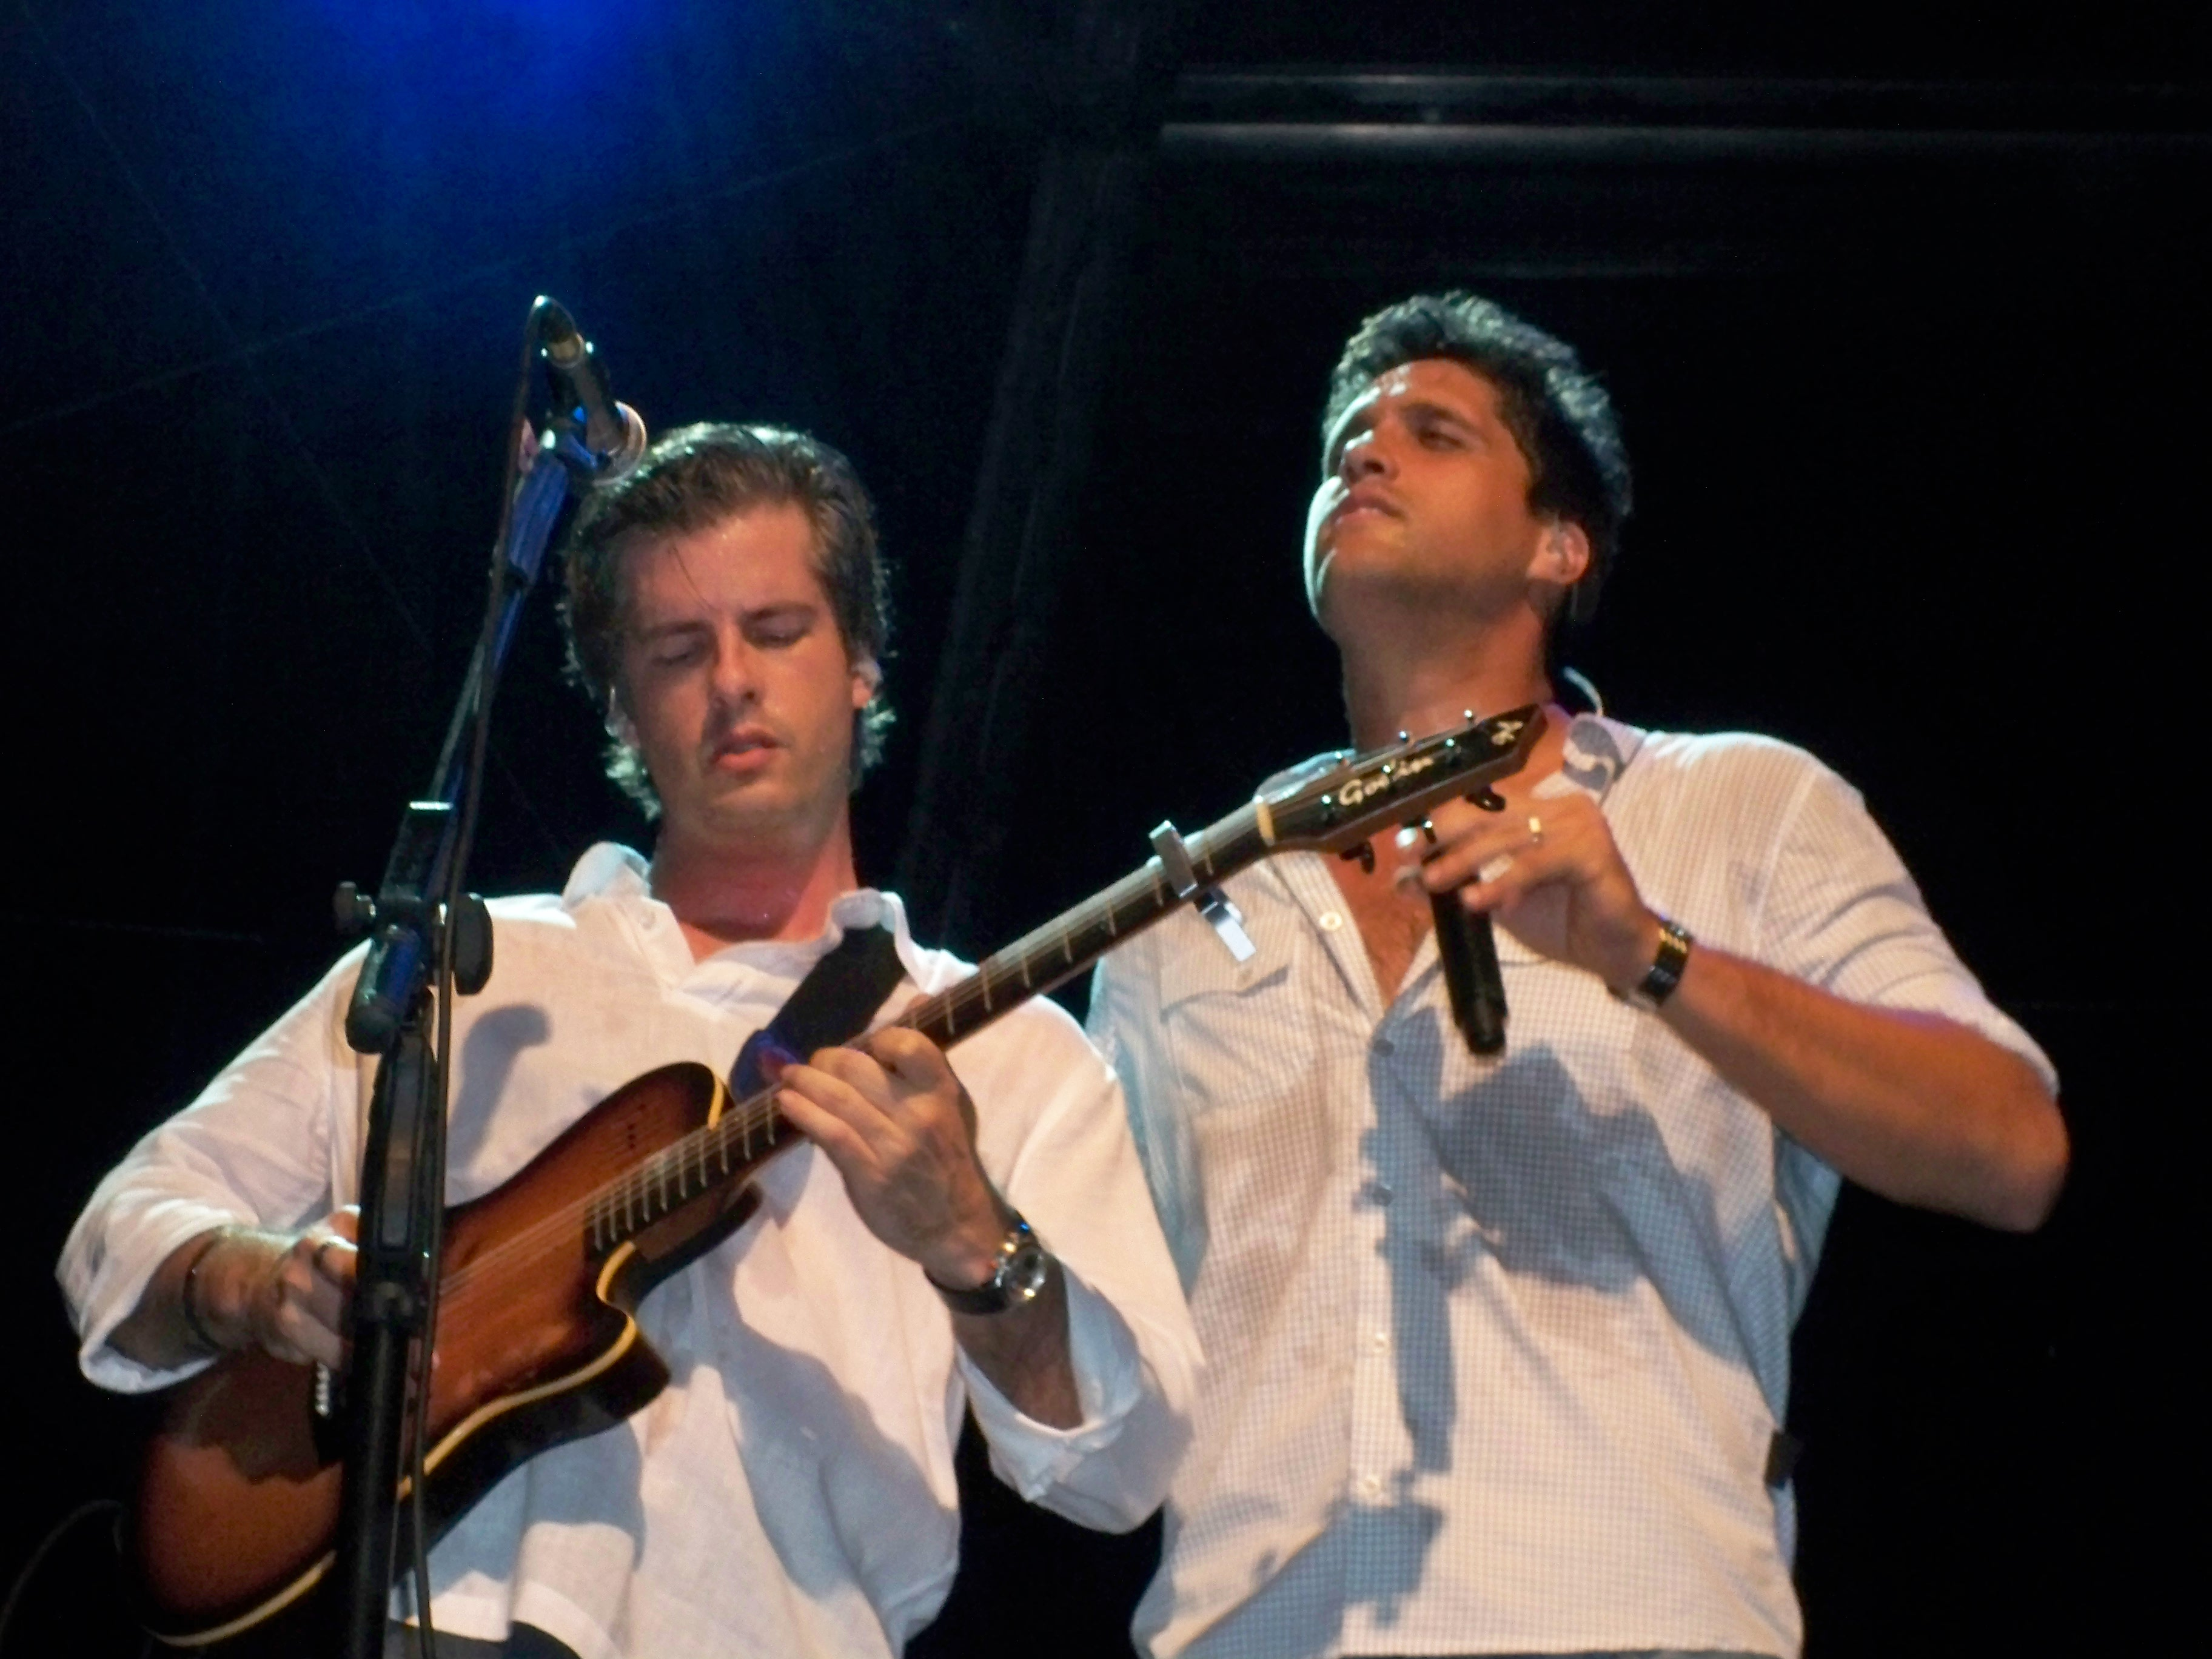 BAIXAR VIVO UBERLANDIA EM VICTOR CD 2007 AO E LEO